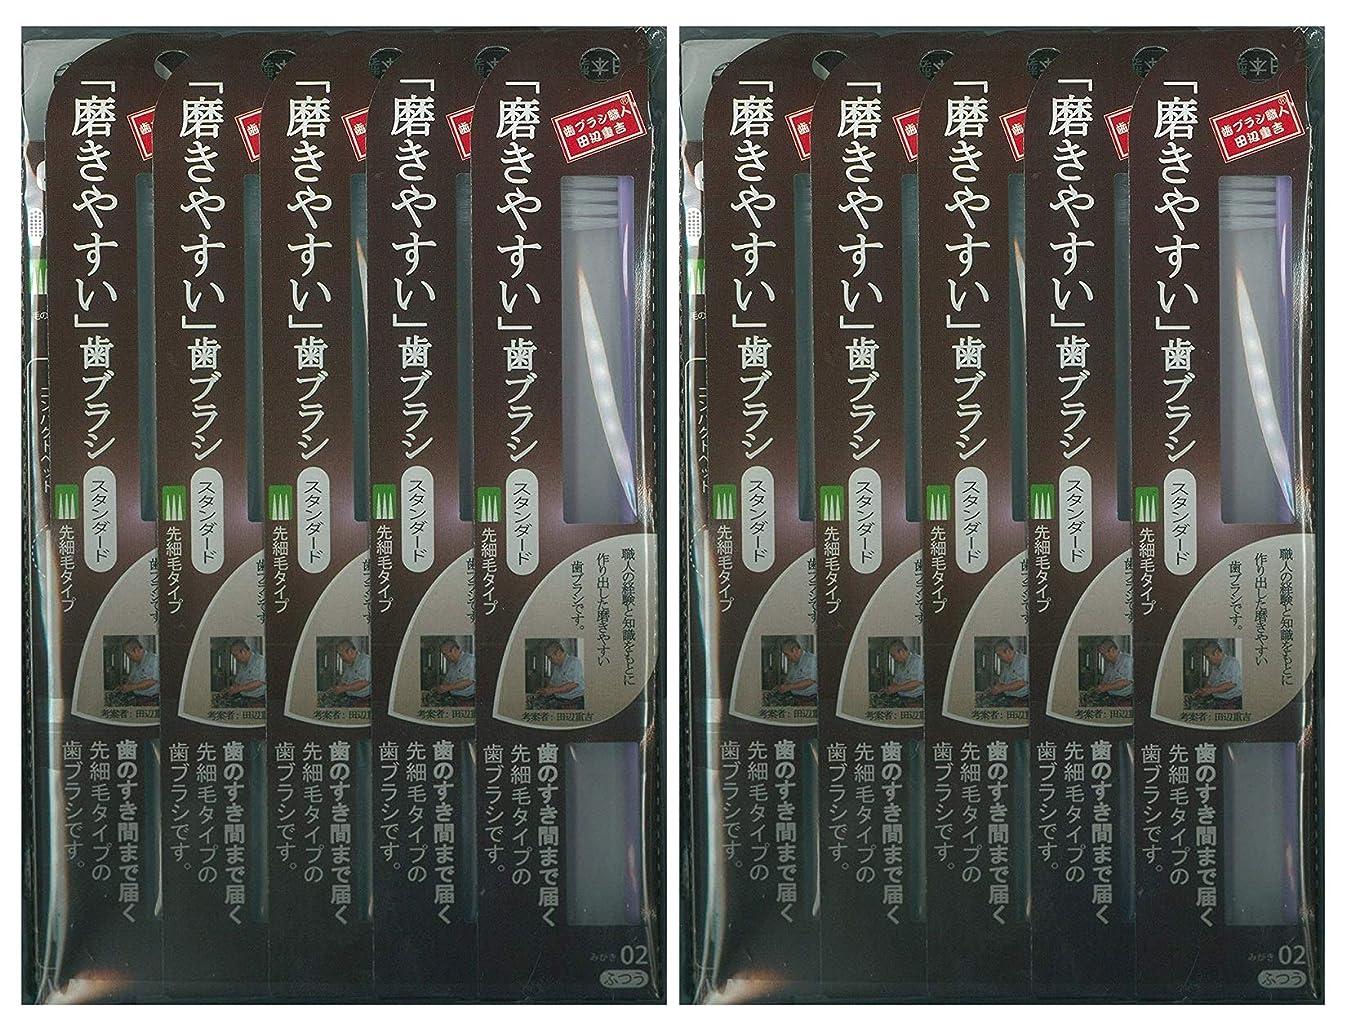 サーフィンに向かってモールス信号歯ブラシ職人 田辺重吉考案 磨きやすい歯ブラシ ふつう (先細) LT-02 1本入×24本セット